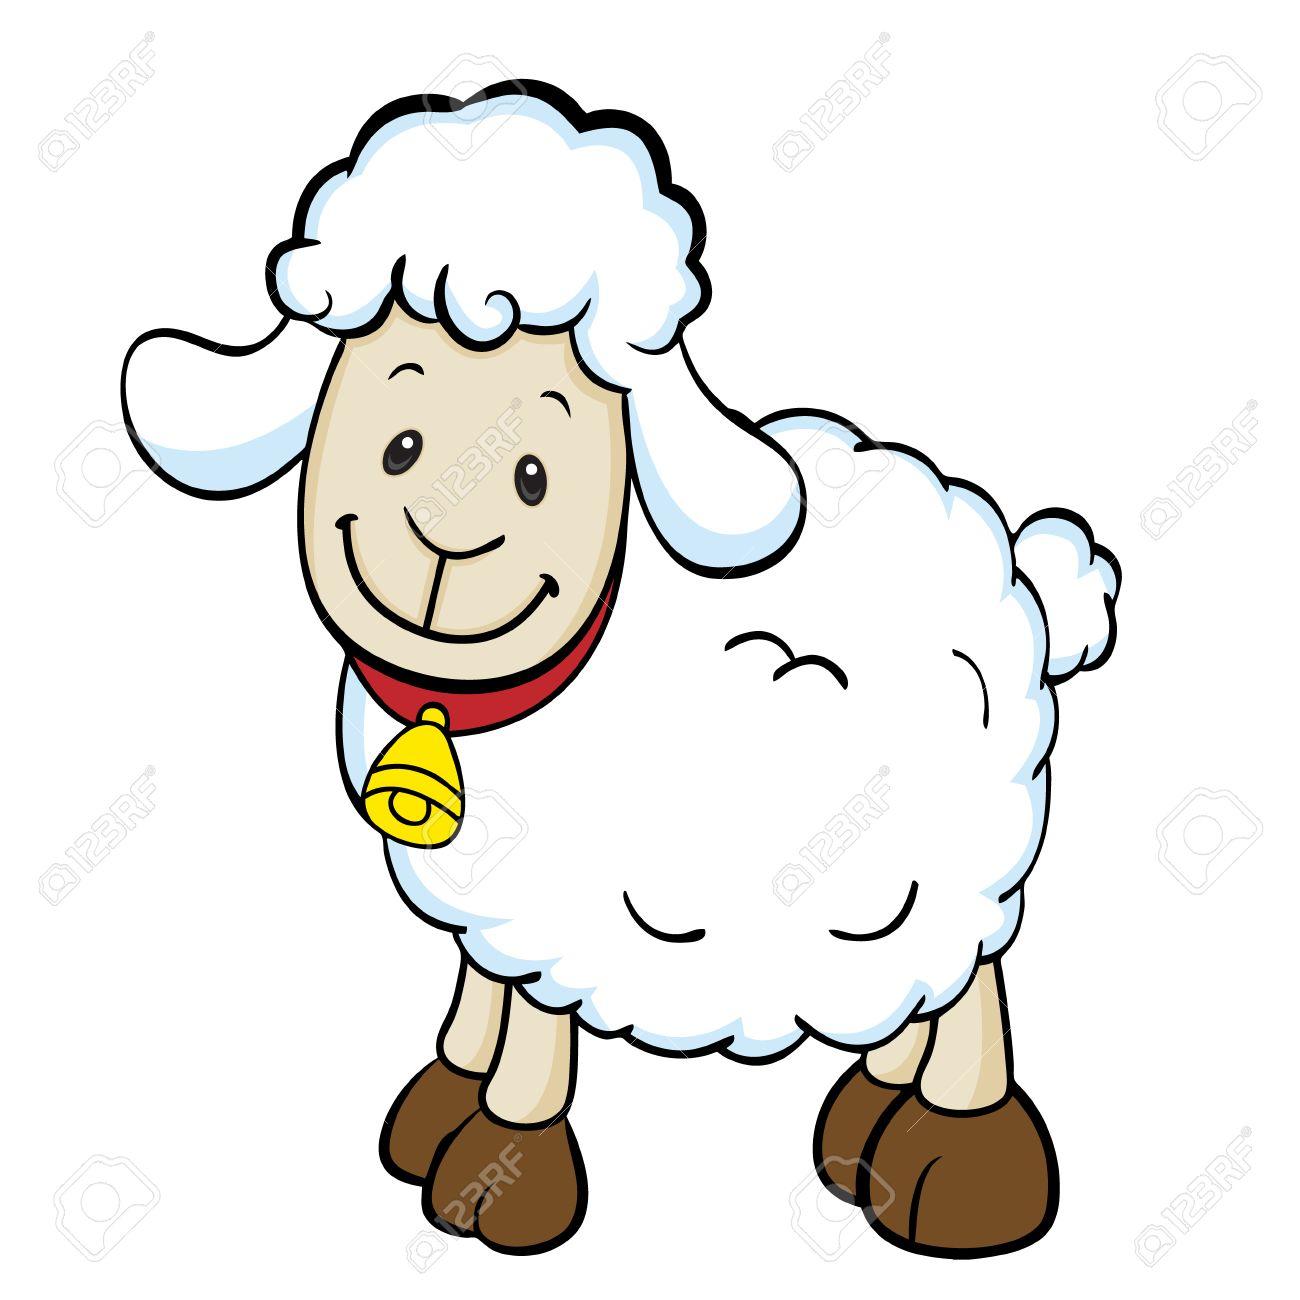 Sheep Cartoon Stock Photos Images. Royalty Free Sheep Cartoon ...